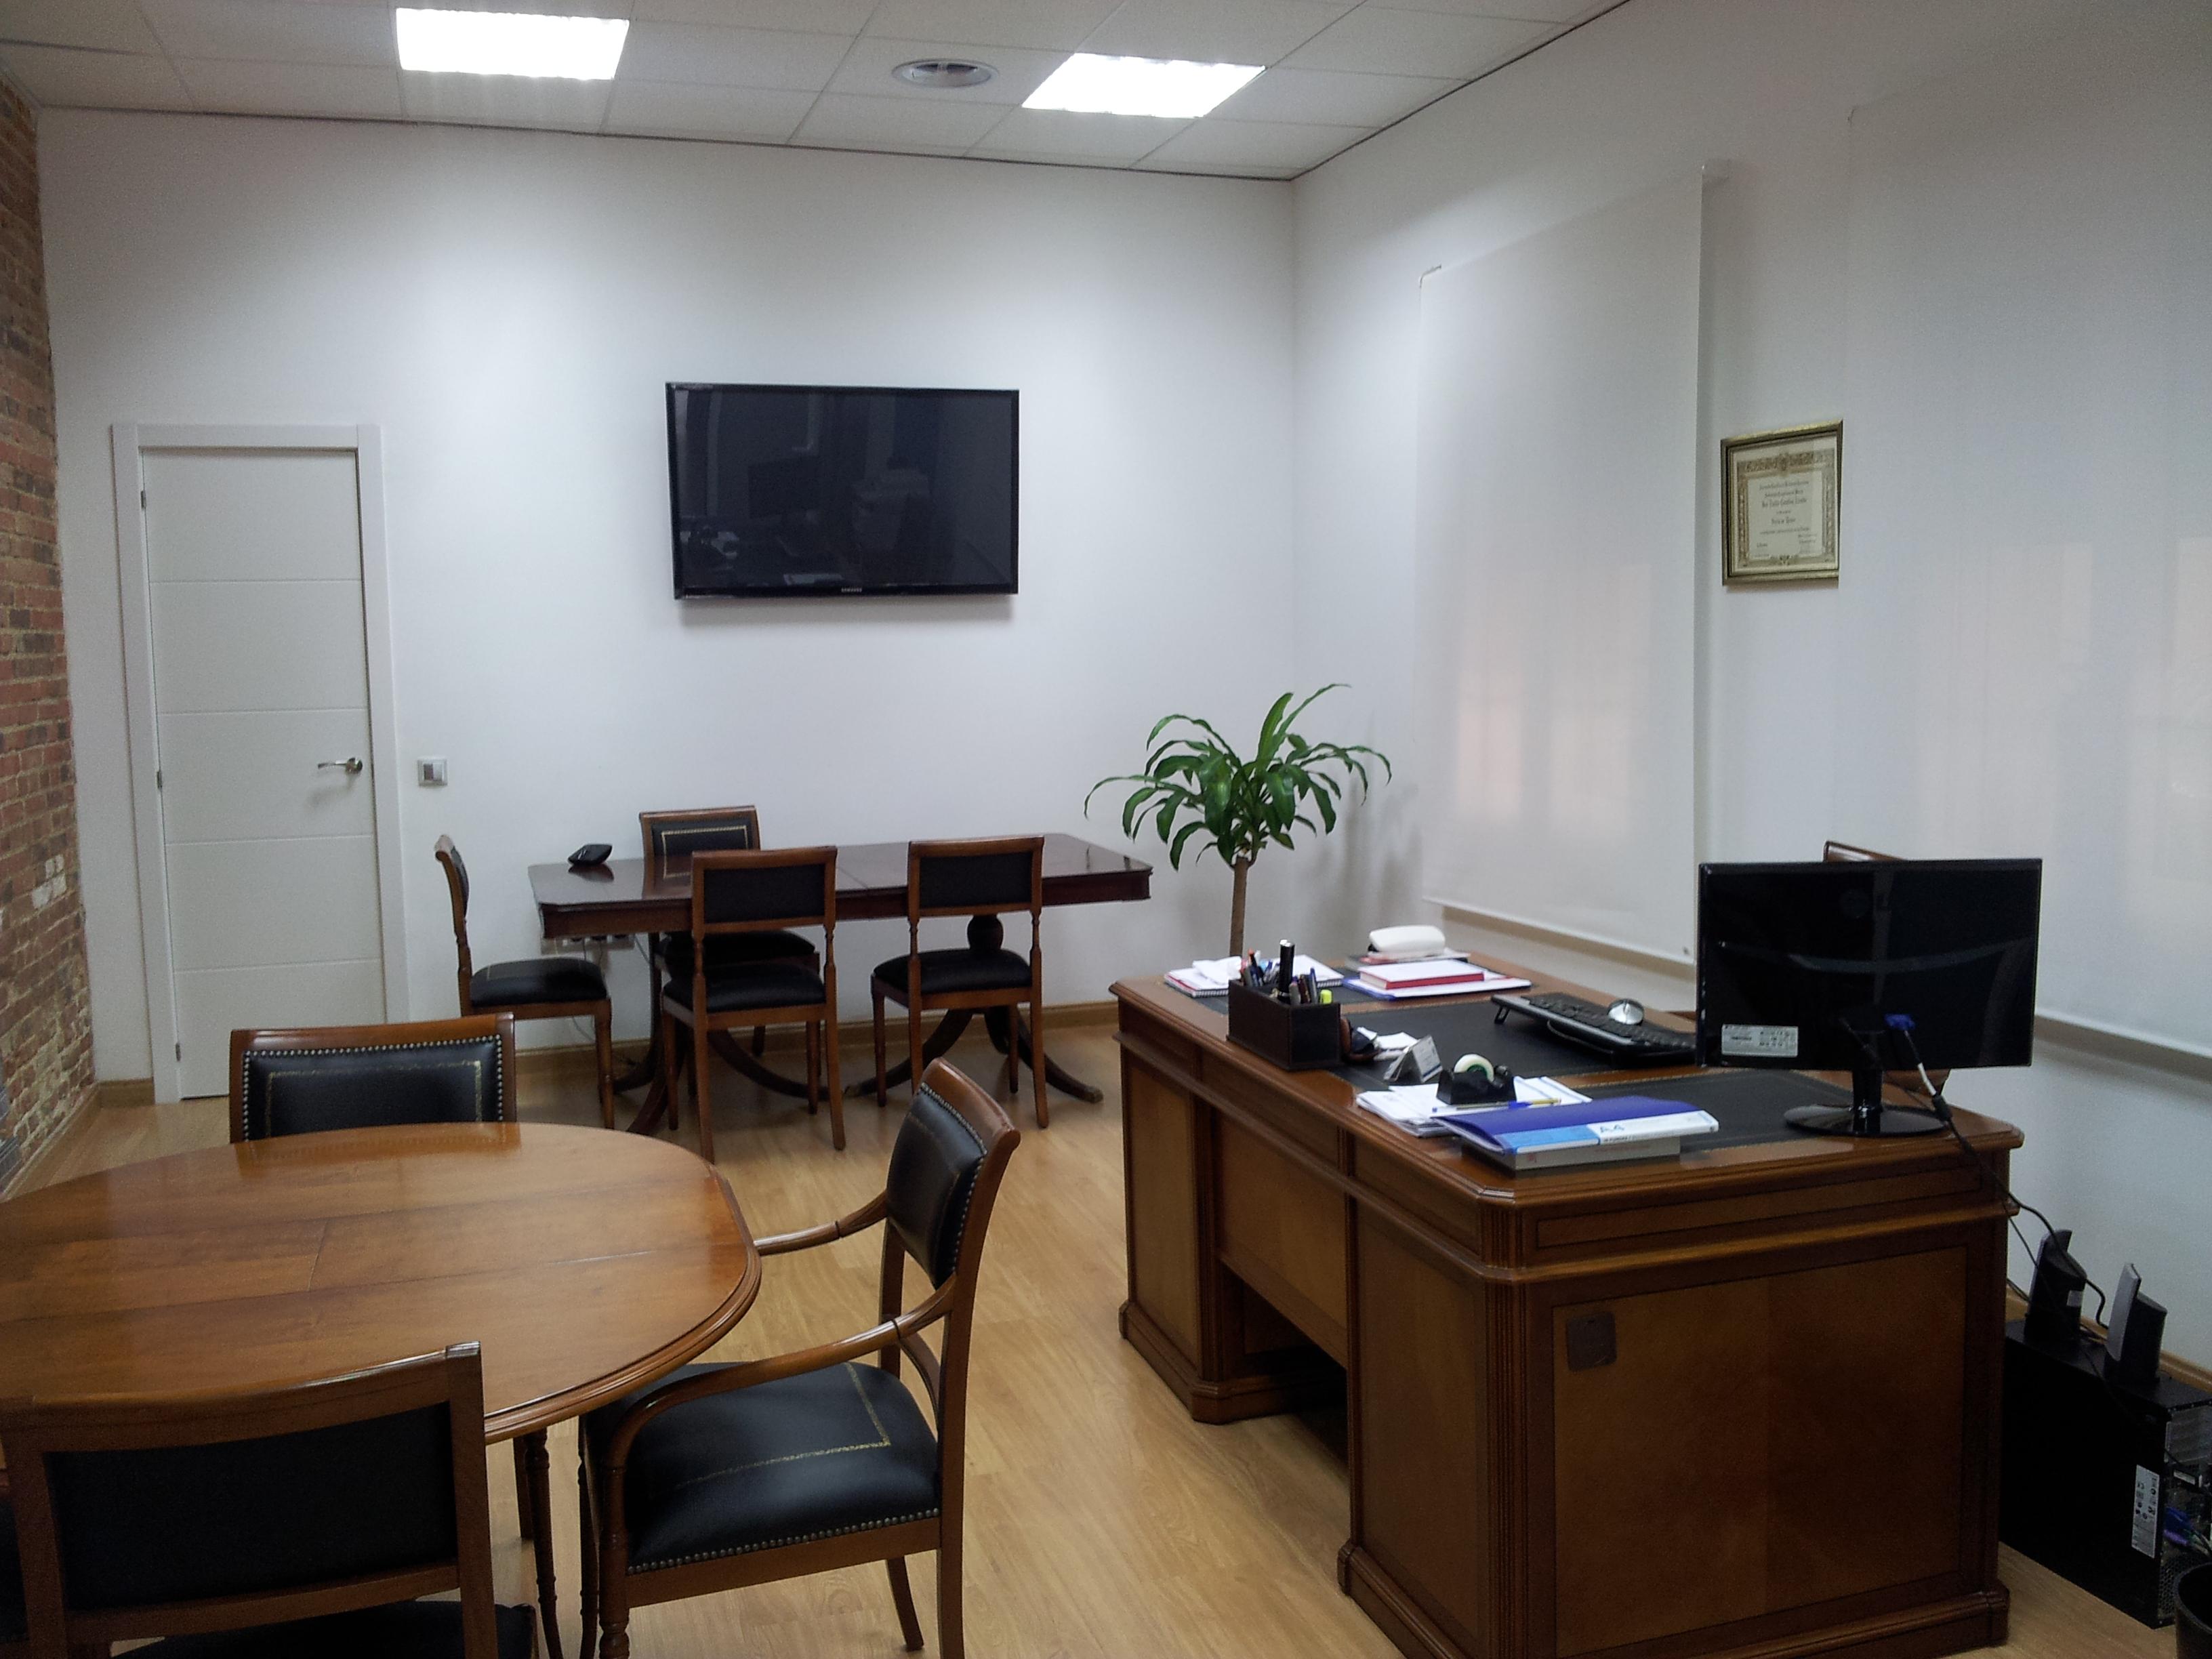 Oficinas En Moncloa Of Grupo Valeria Tu Inmobiliaria En Moncloa